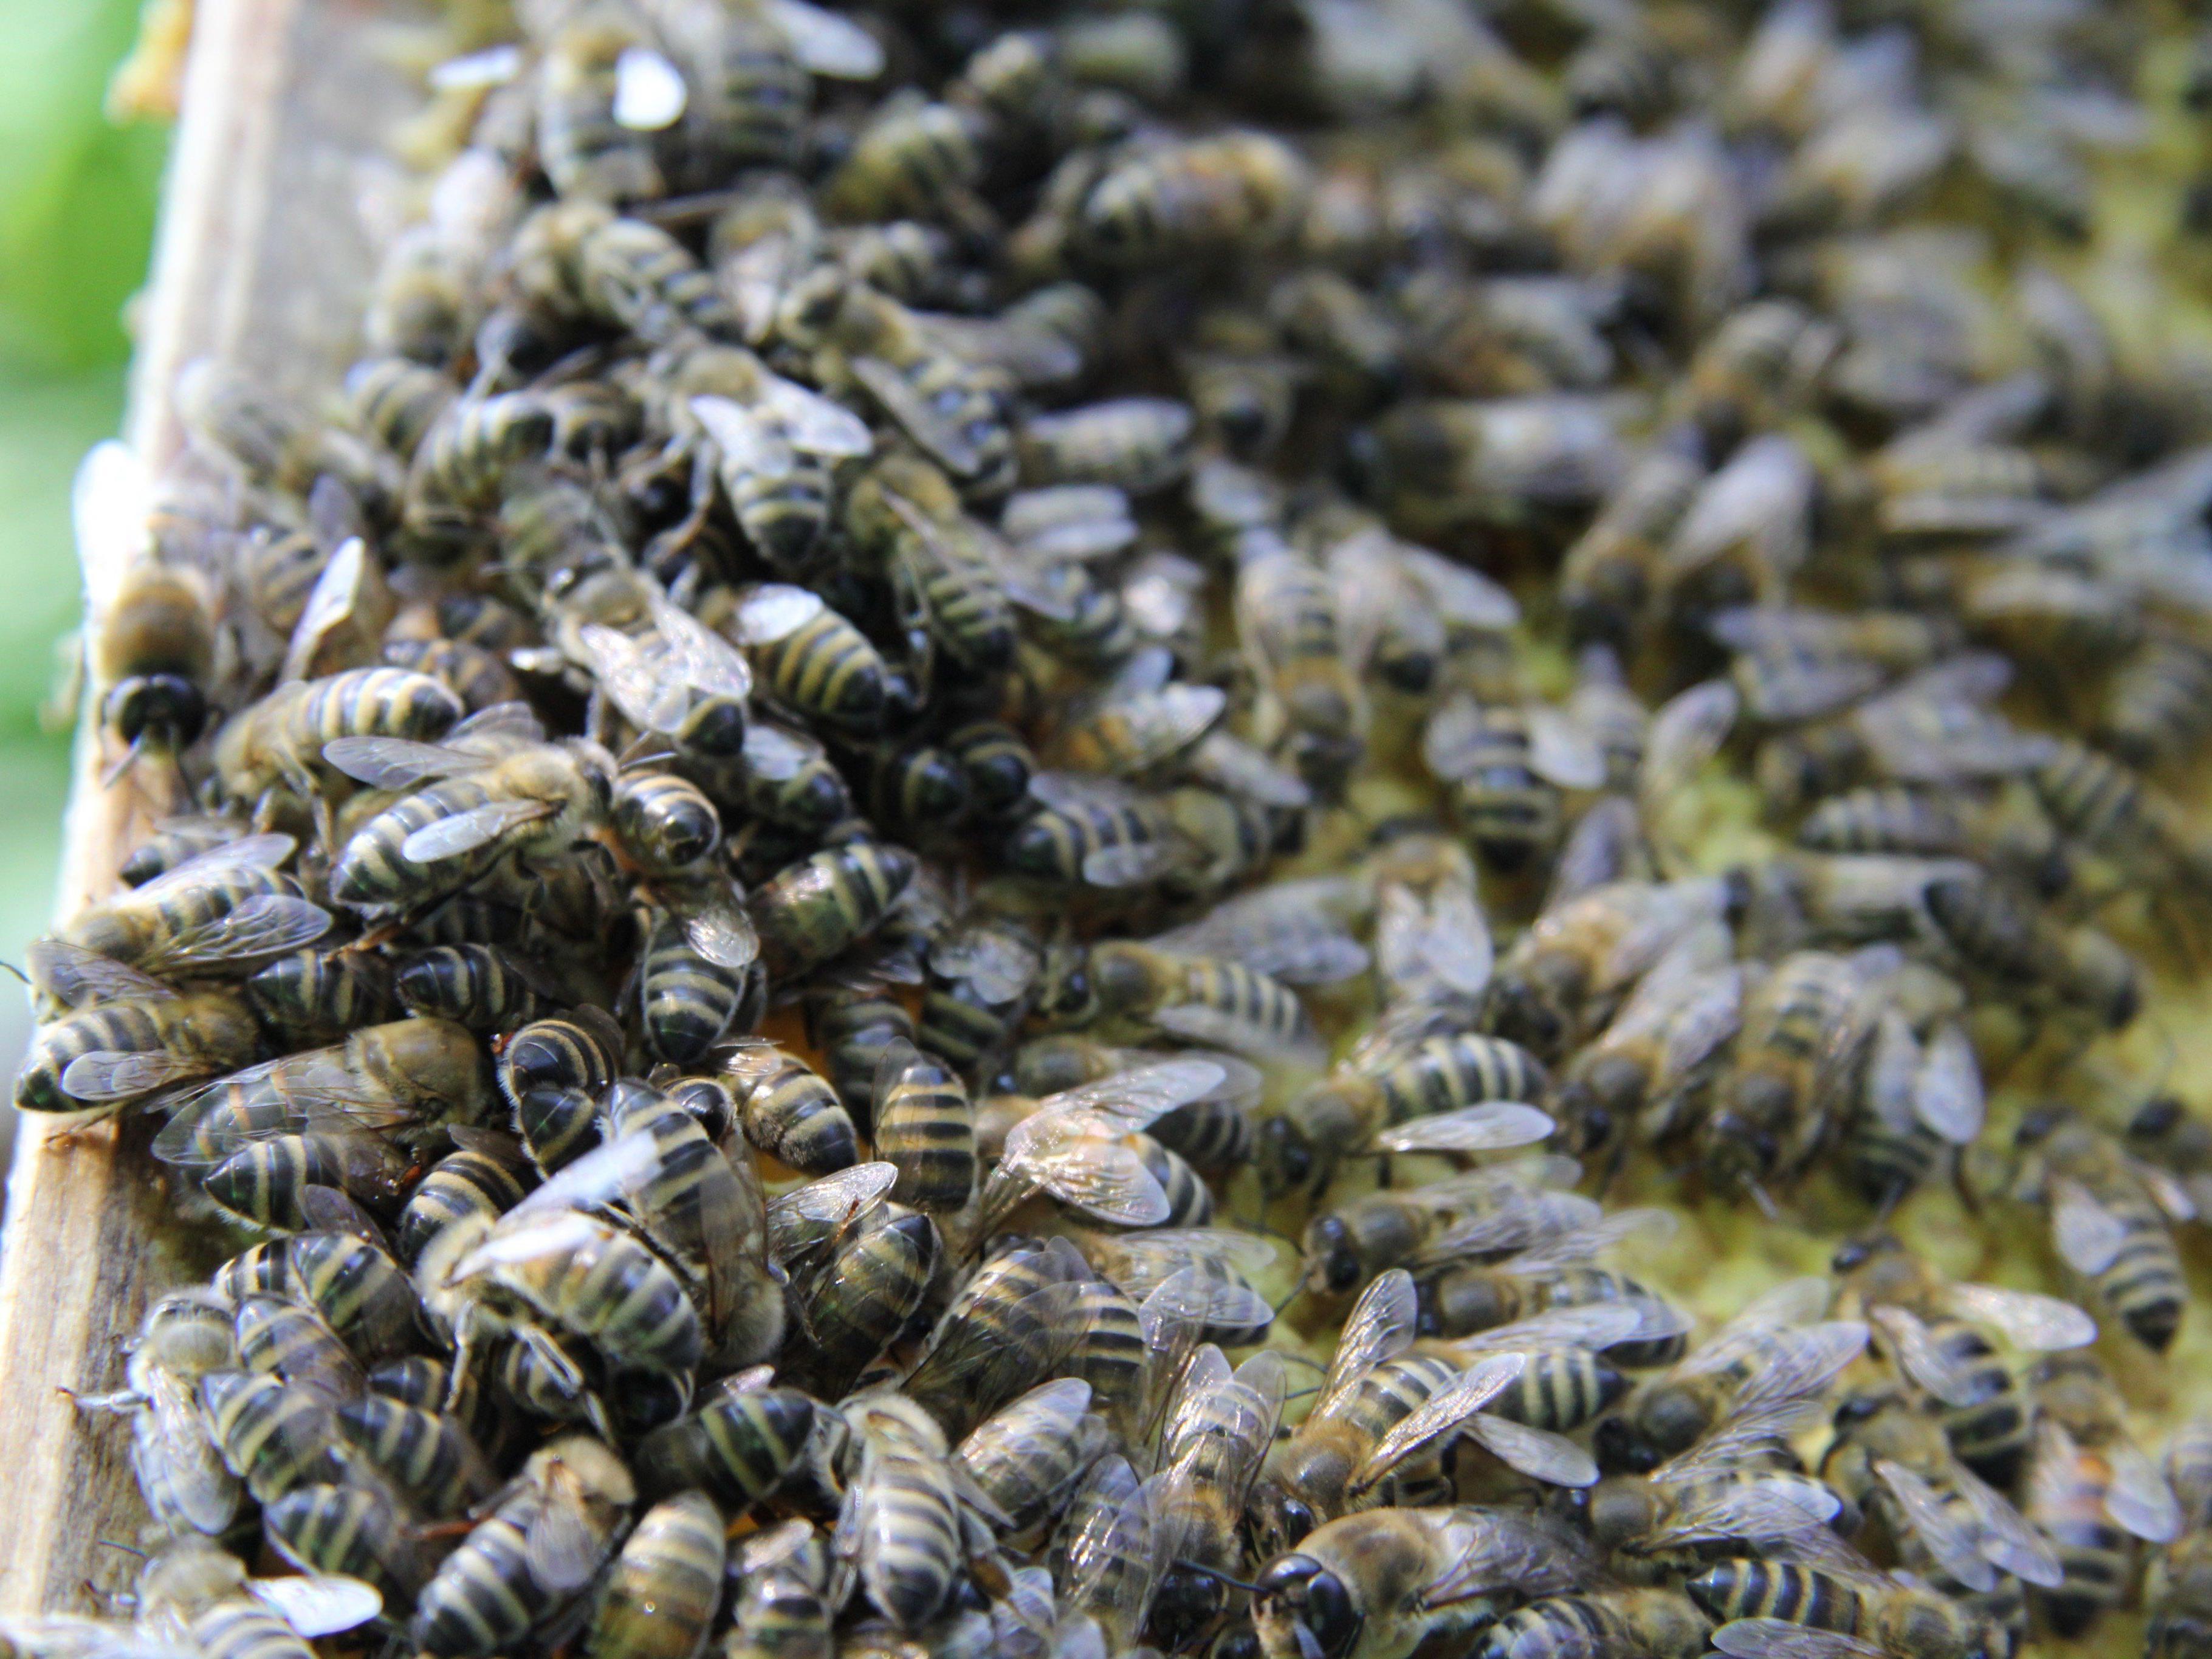 Die Täter kippten größere Mengen Dieselkraftstoff in sechs in einem Kleingarten aufgestellte Bienenstöcke.